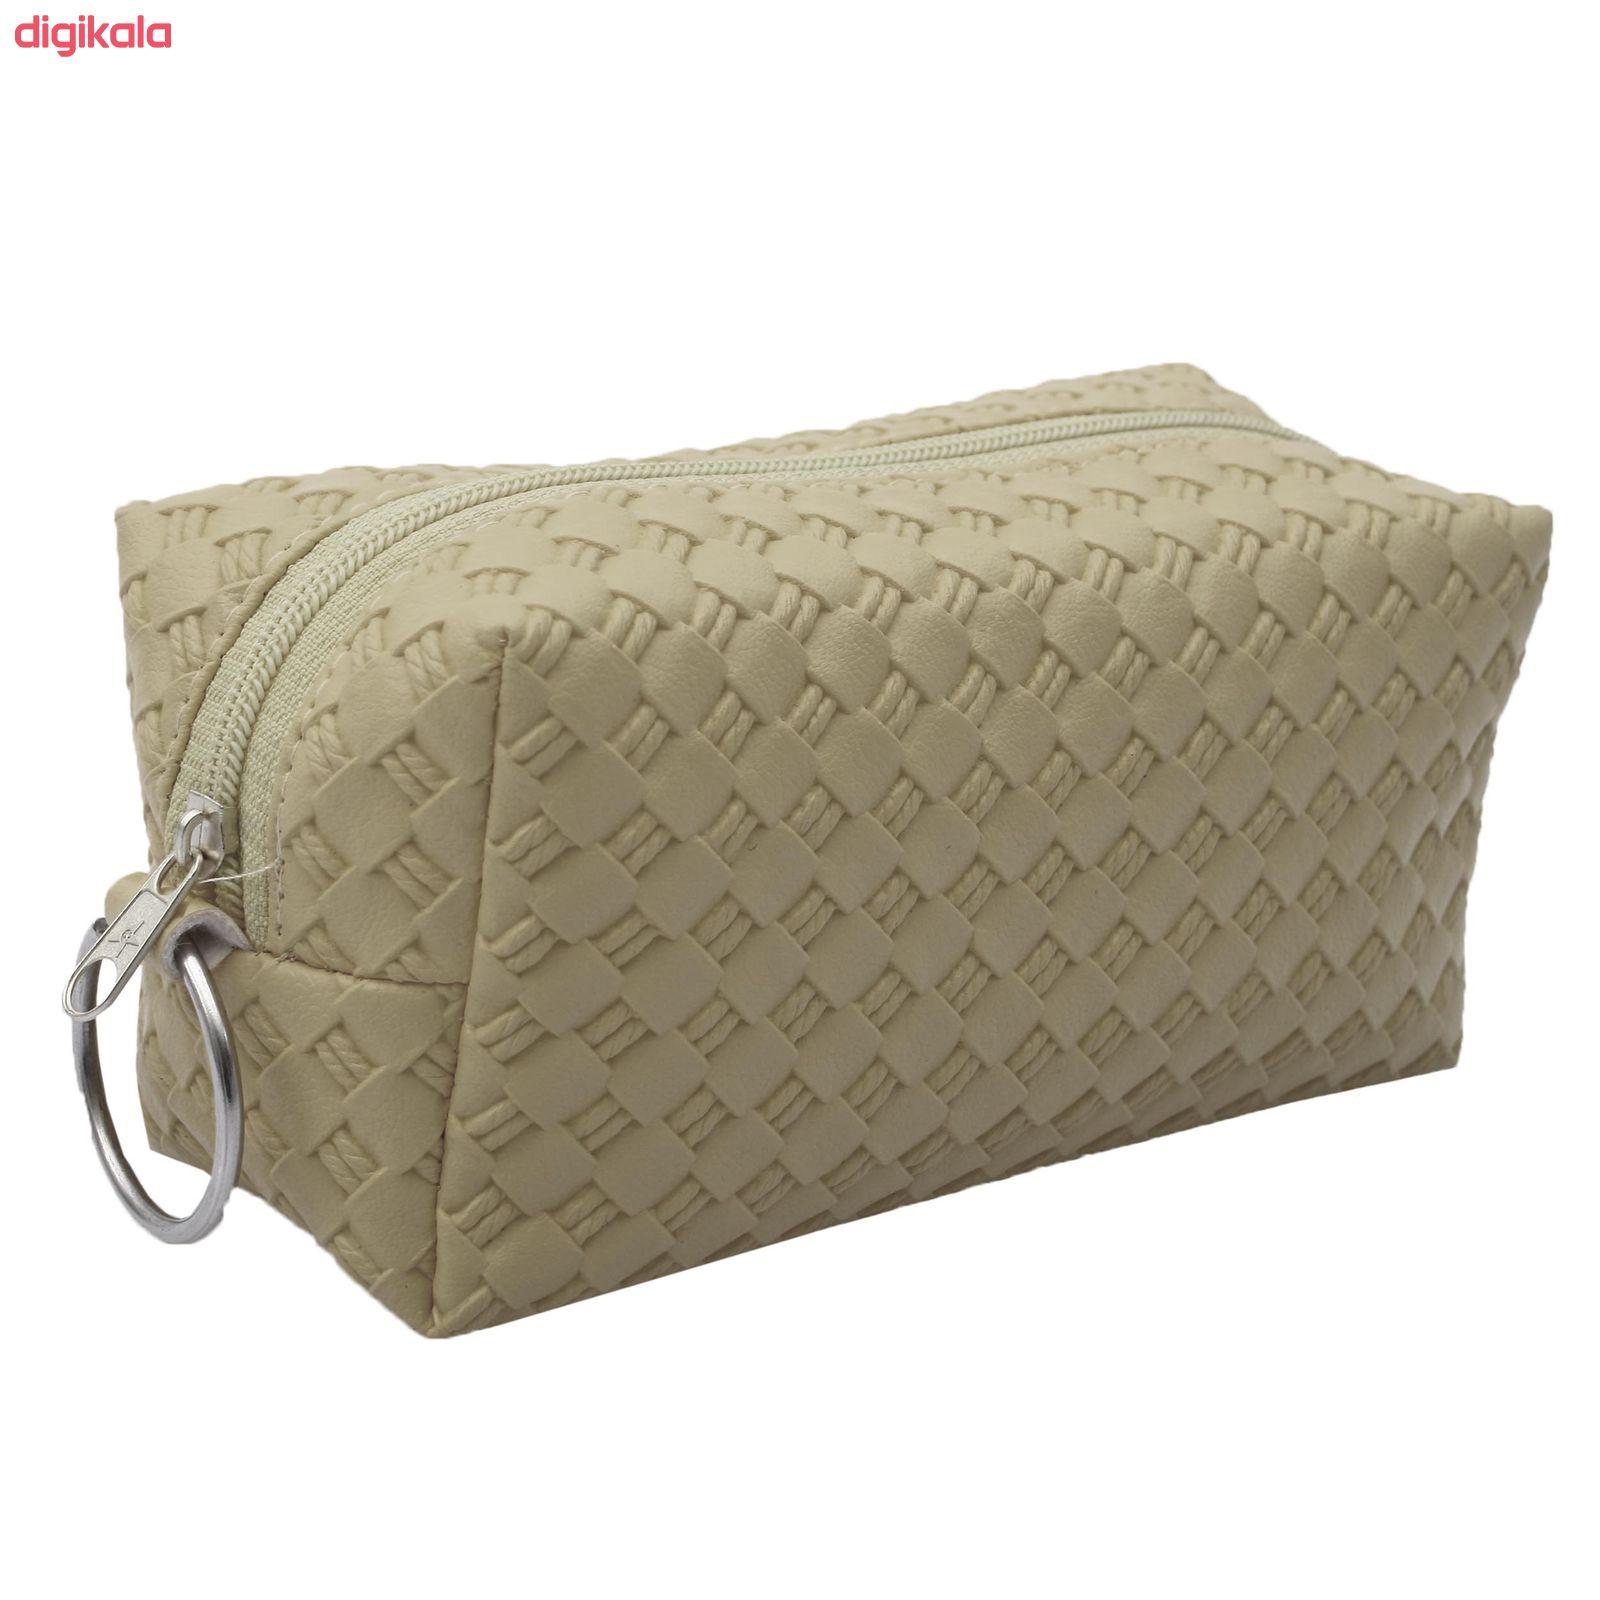 کیف لوازم آرایش کد GT0103 main 1 24